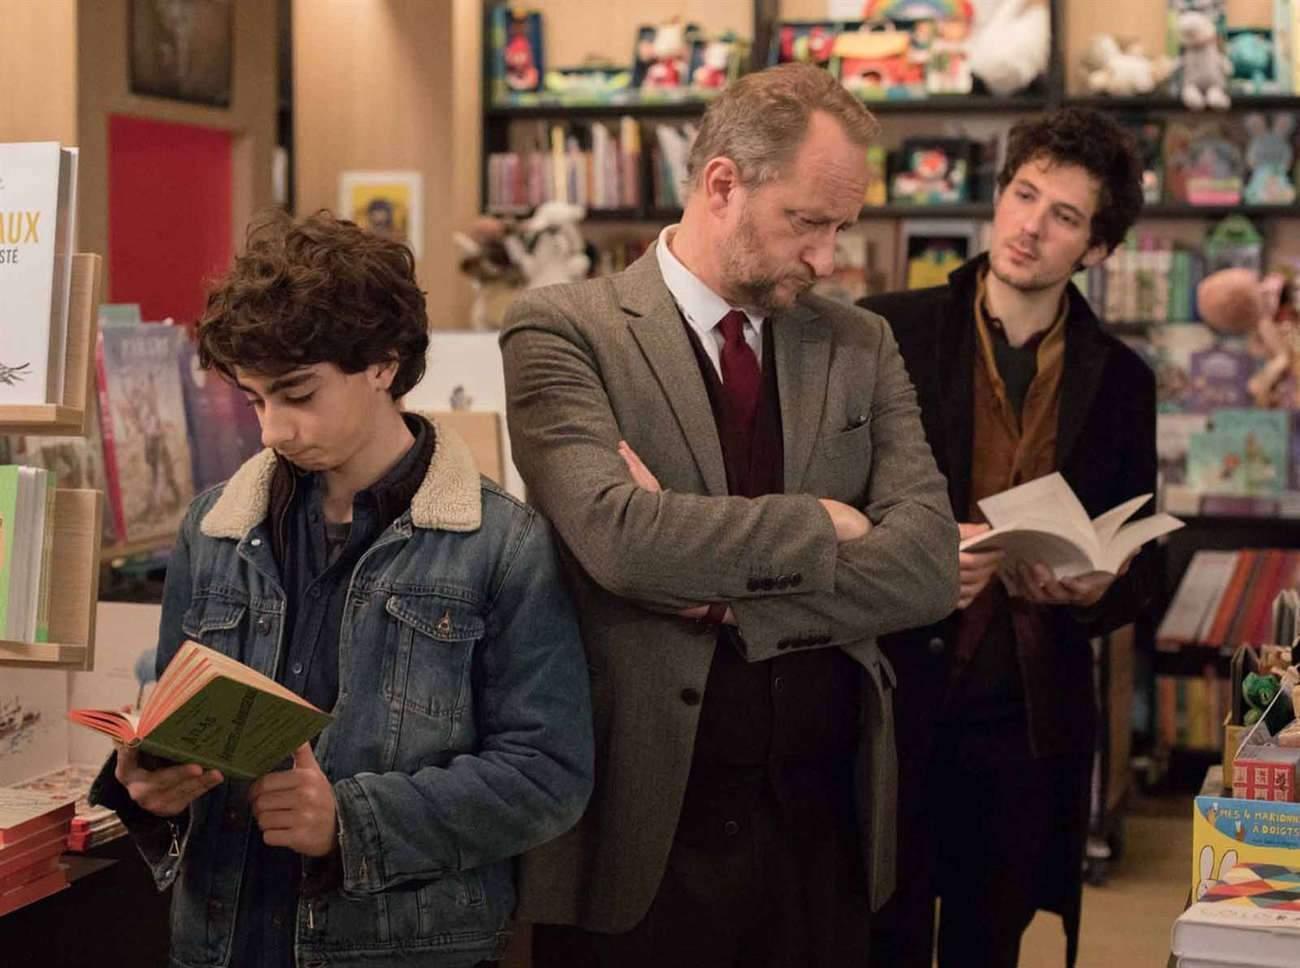 Mathieu Capella joue le jeune fils, Benoît Poelvoorde le père, et Vincent Lacoste le fils aîné, un trio d'hommes fragiles.